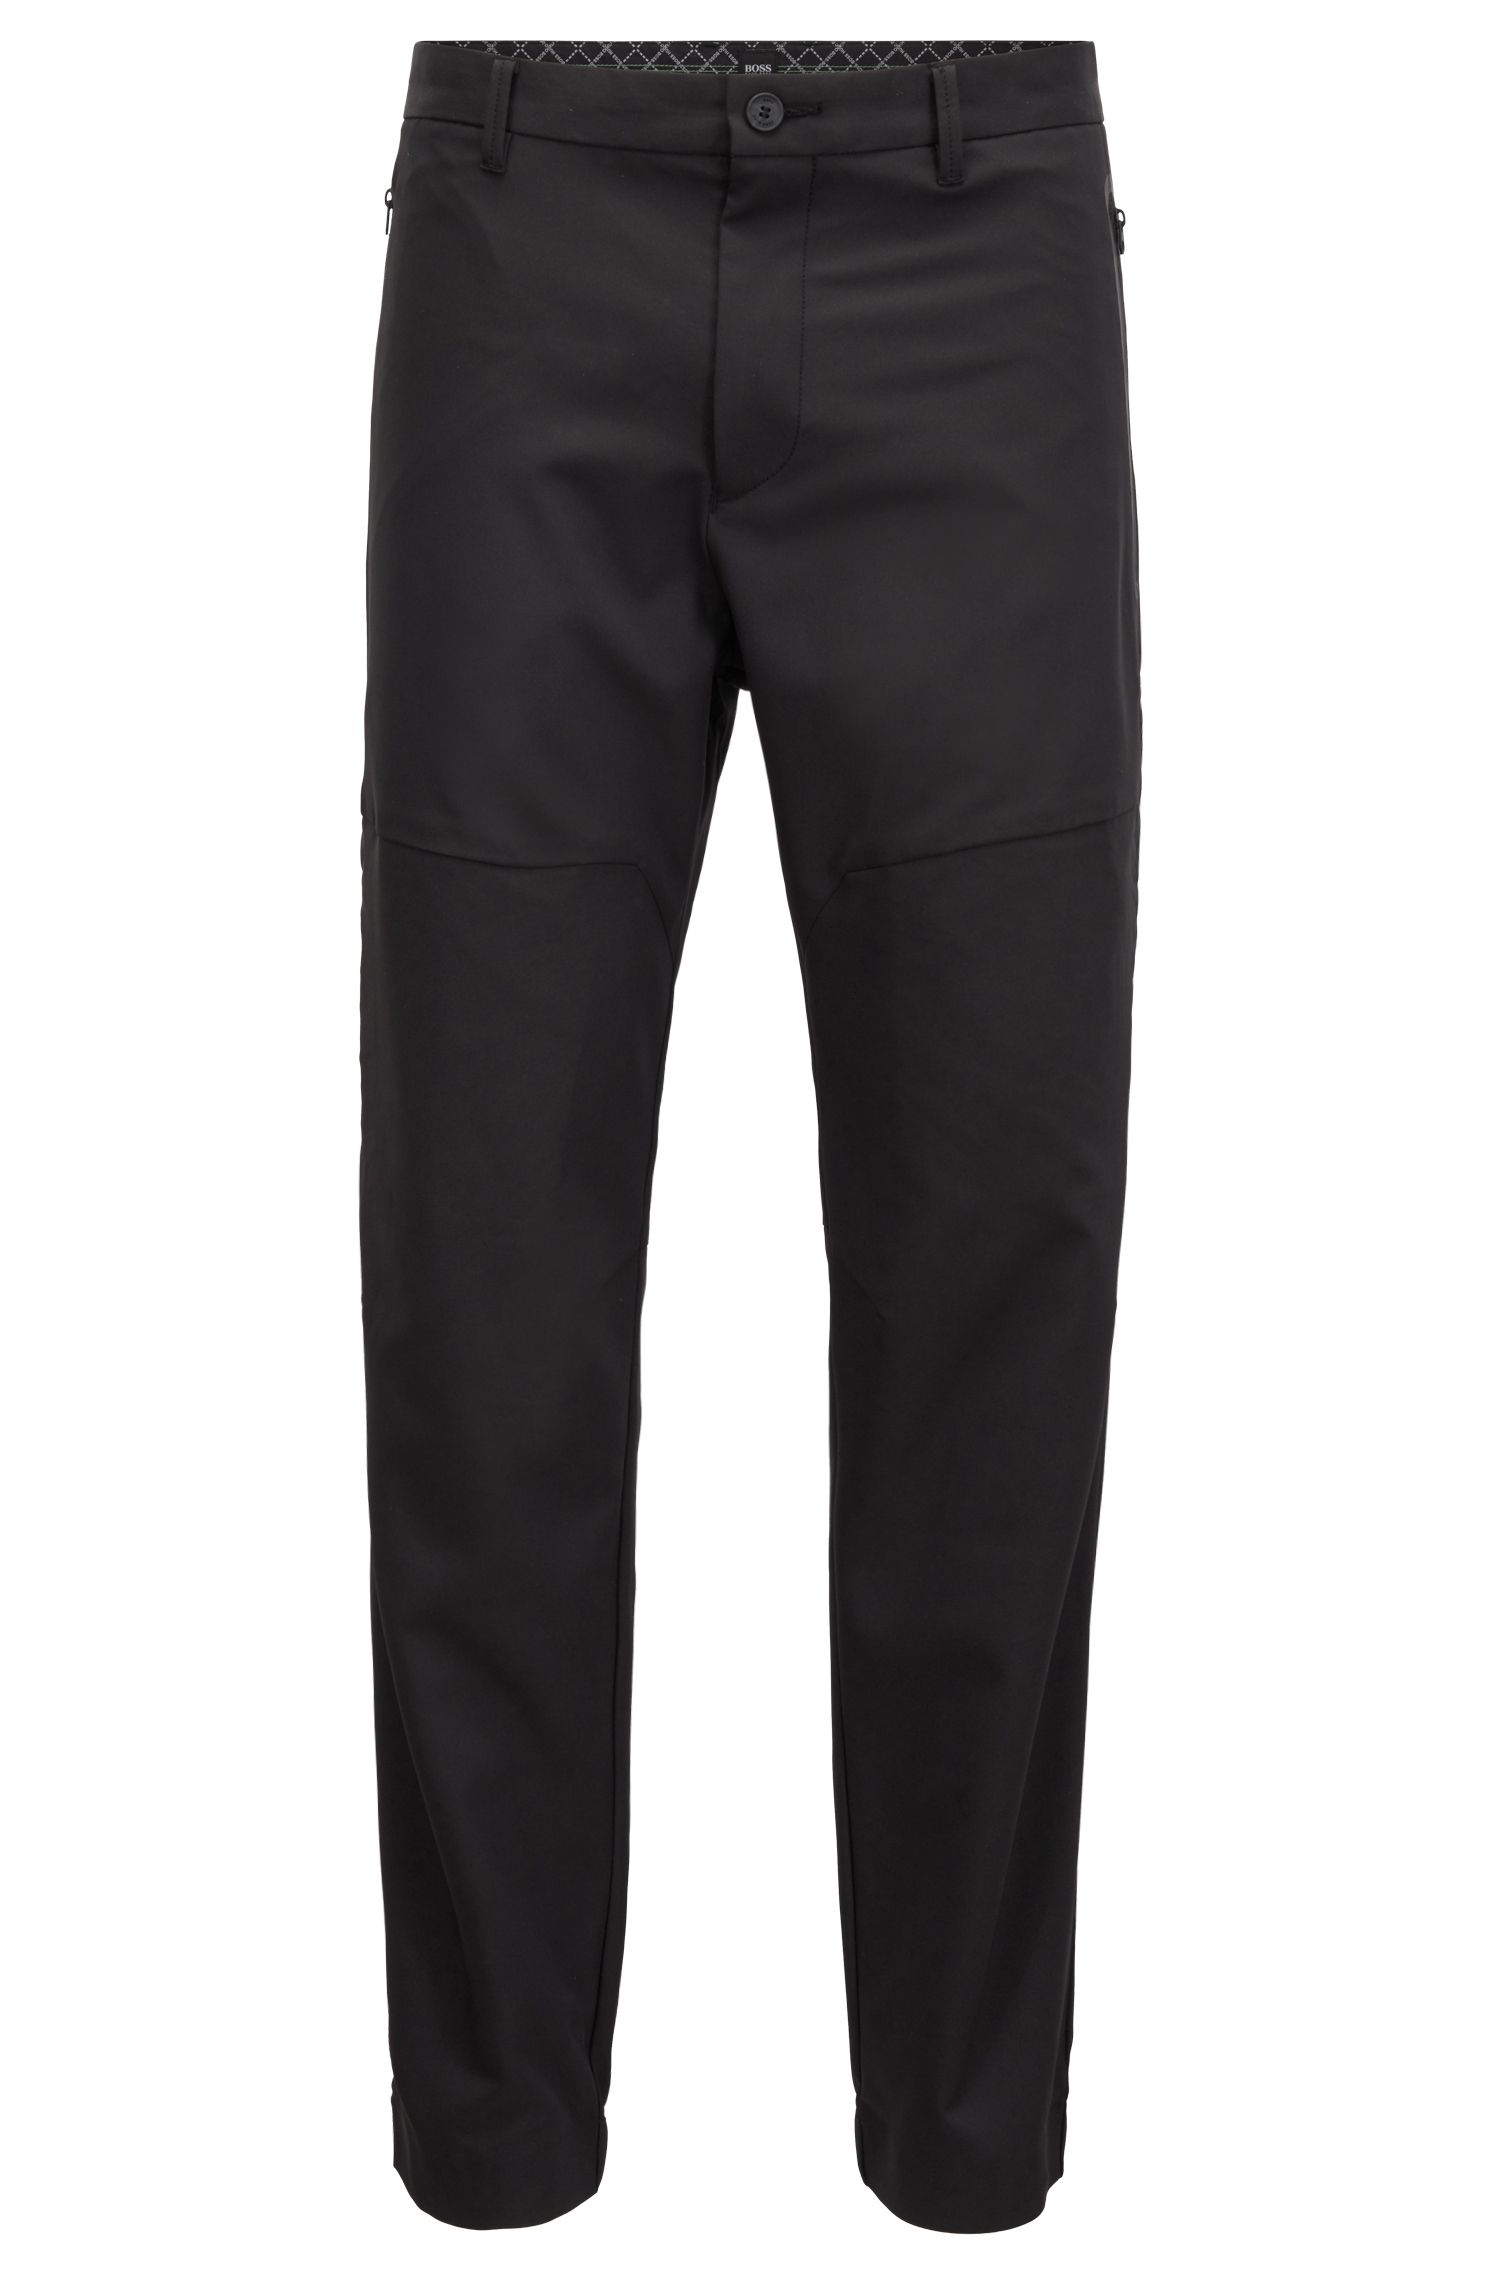 Pantalon en twill stretch quadri-extensible imperméable, resserré au bas des jambes, Noir